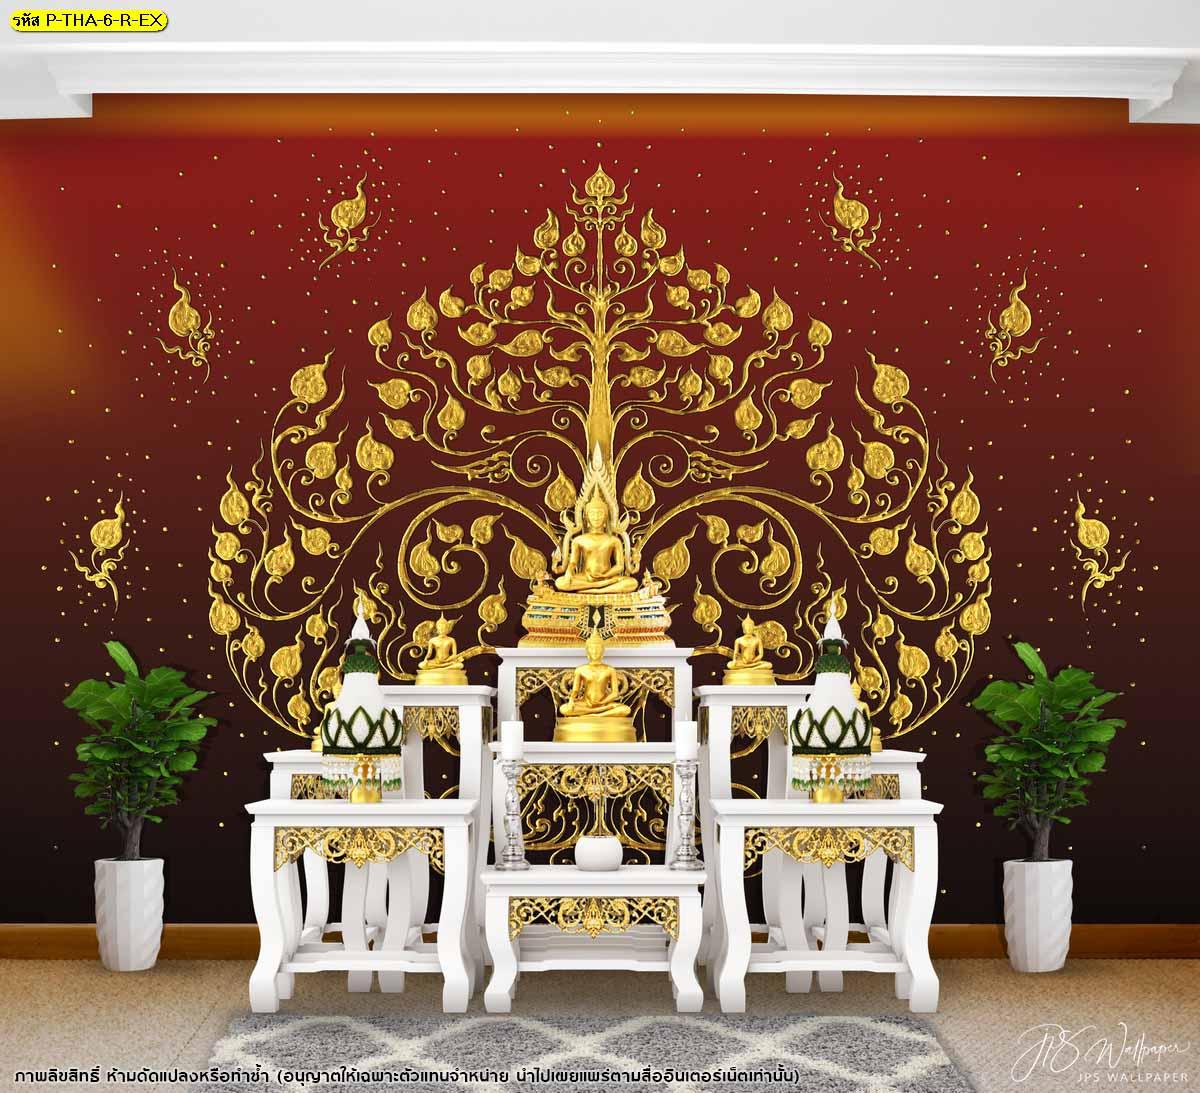 ชุดโต๊ะหมู่บูชาสีขาว จับคู่กับภาพพิมพ์ต้นโพธิ์ทองพื้นหลังสีแดงแต่งผนังสวยงามลงตัว